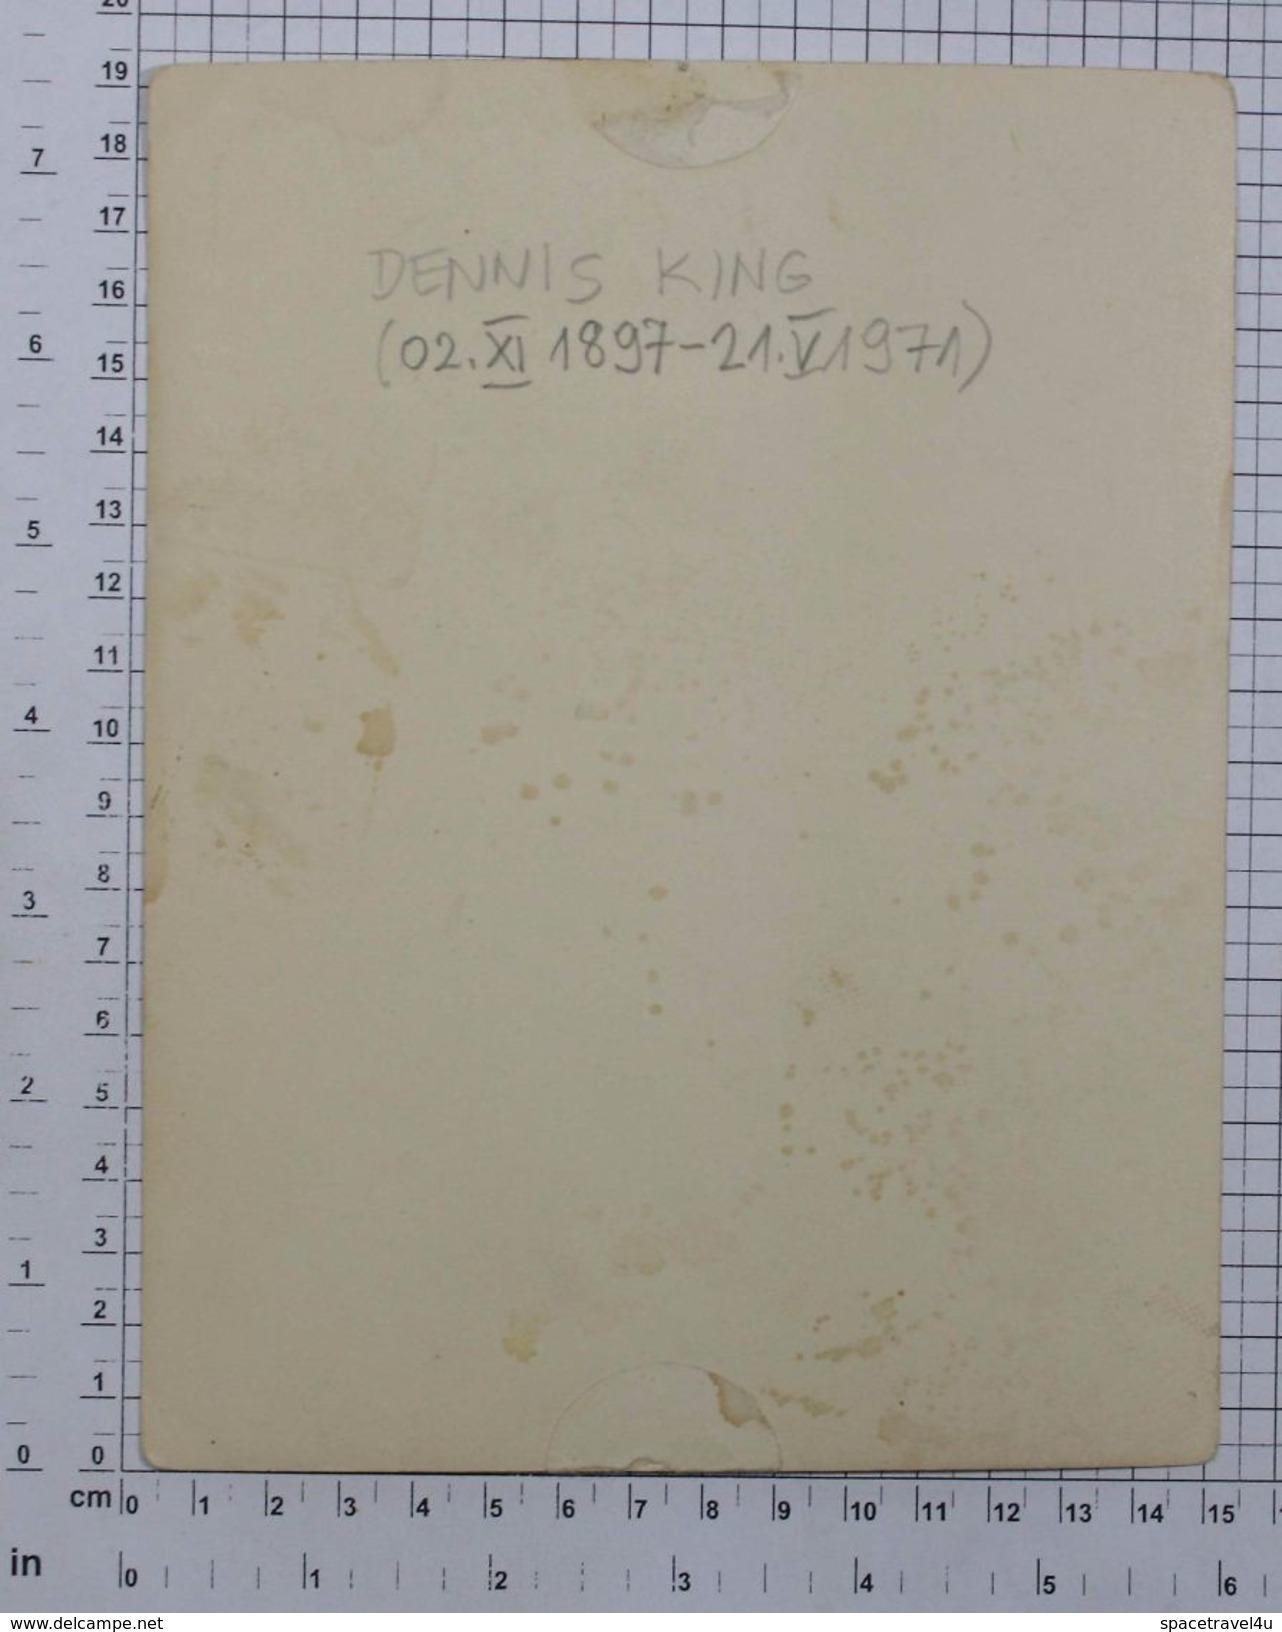 DENNIS KING - Vintage PHOTO Autograph REPRINT (SF-03) - Reproductions